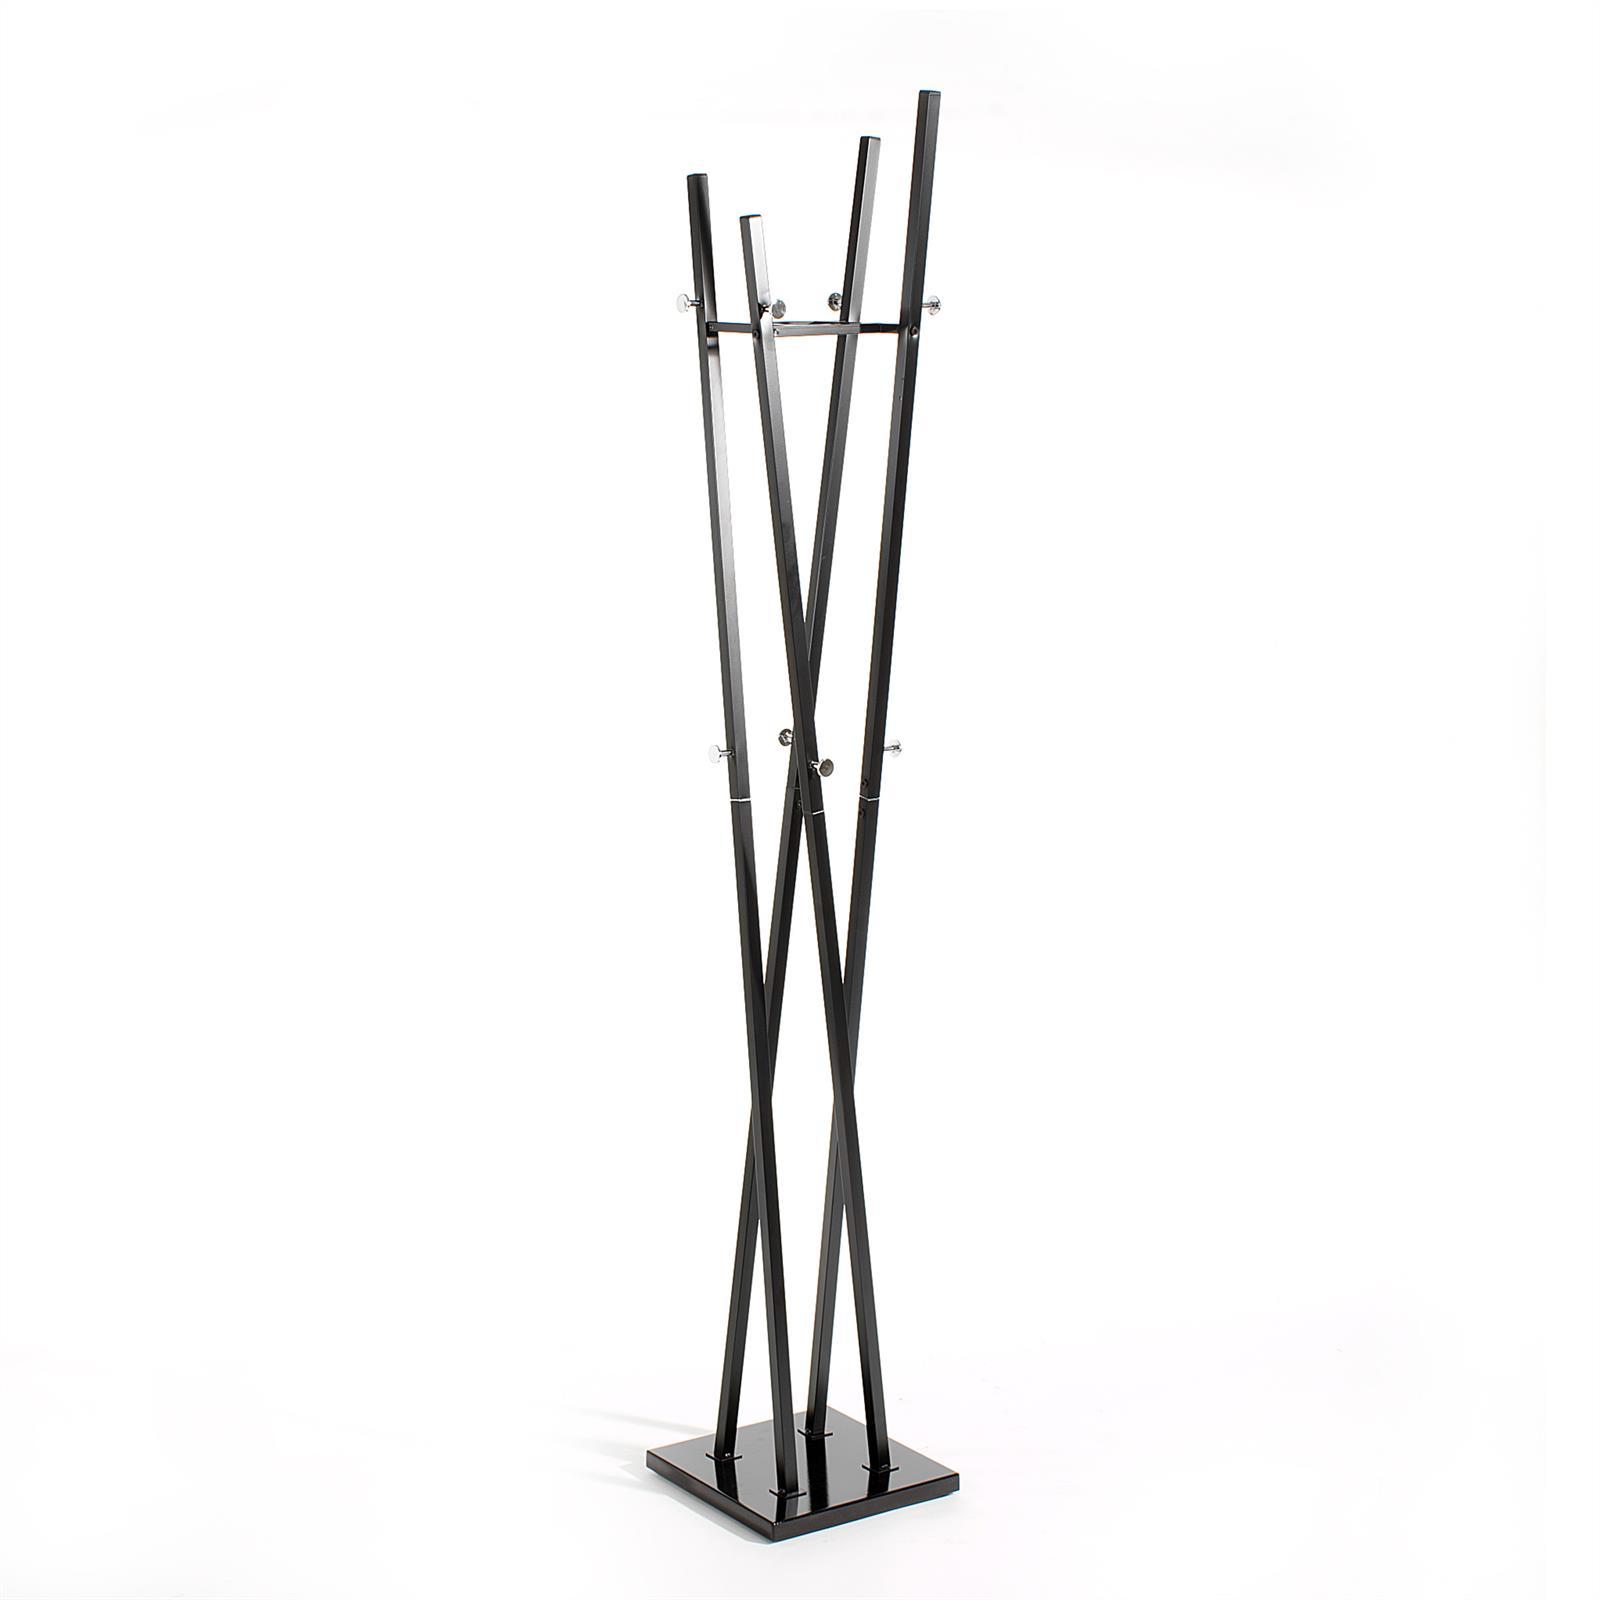 kleiderst nder aus metall in schwarz caro m bel. Black Bedroom Furniture Sets. Home Design Ideas